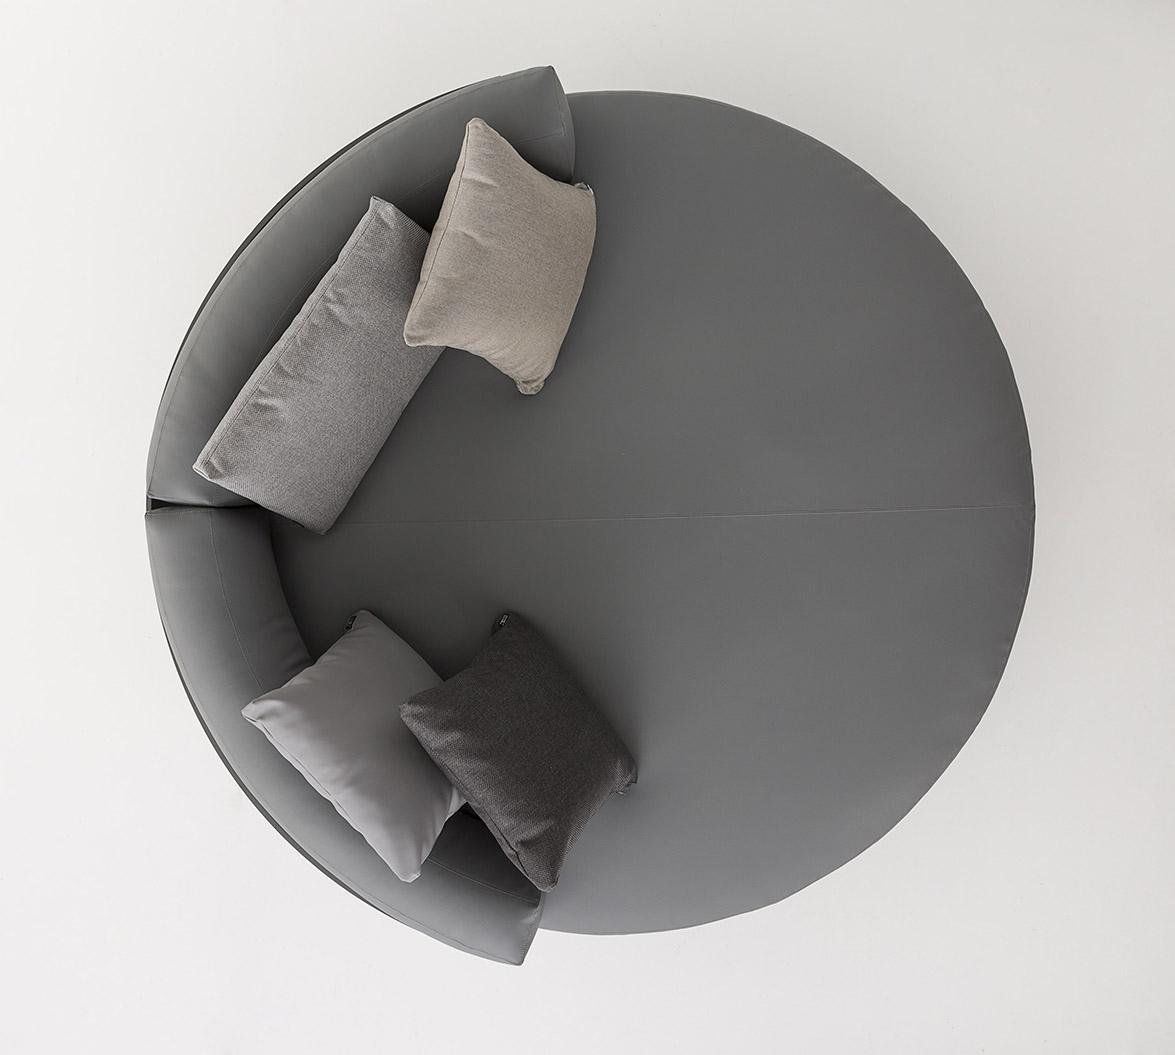 cama Chill redonda Flat cenital